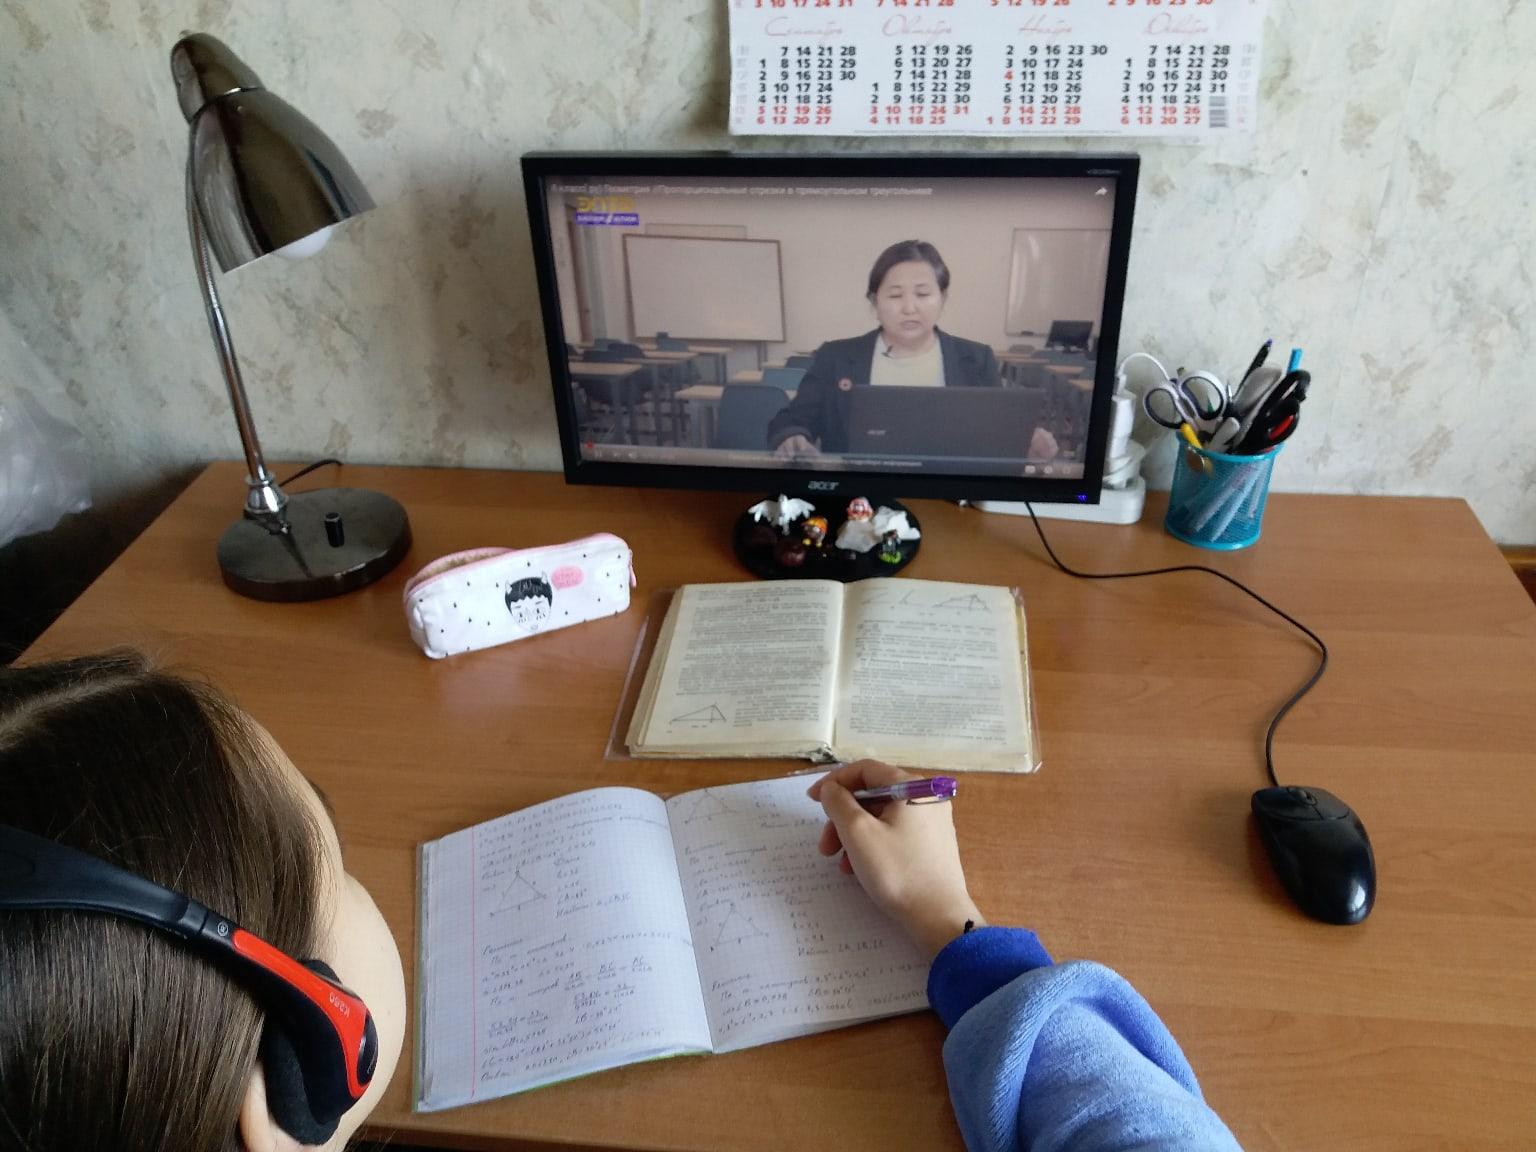 Минпросвещения заявило о проведении глобального эксперимента по цифровизации образования